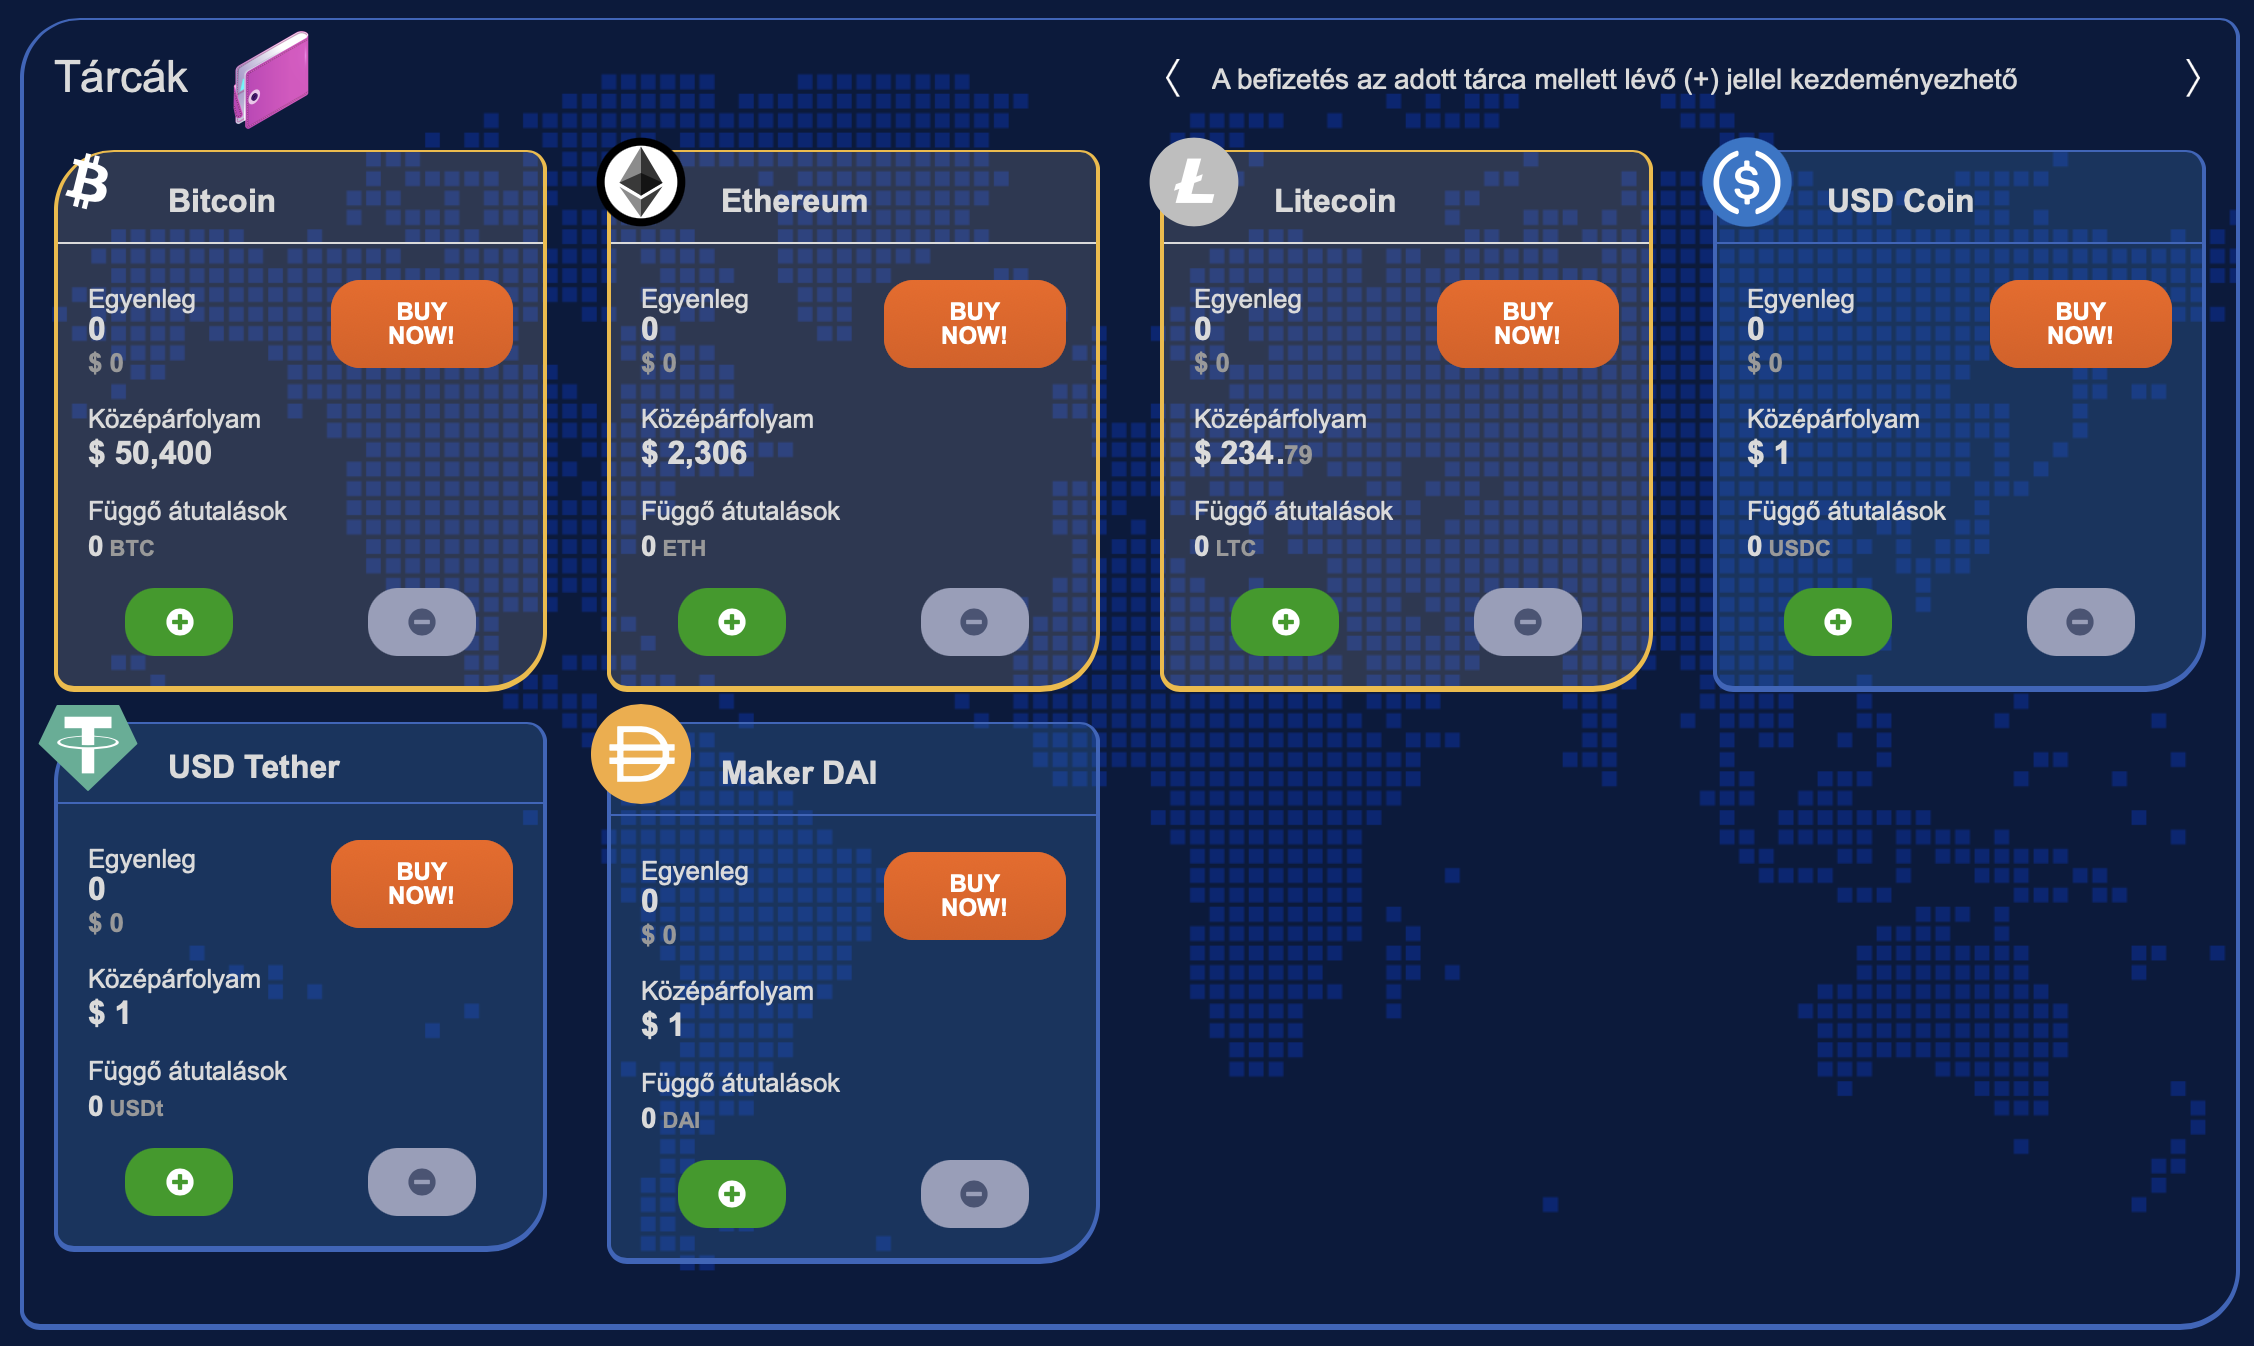 BitPadre kriptovaluta tárcák I Cryptofalka